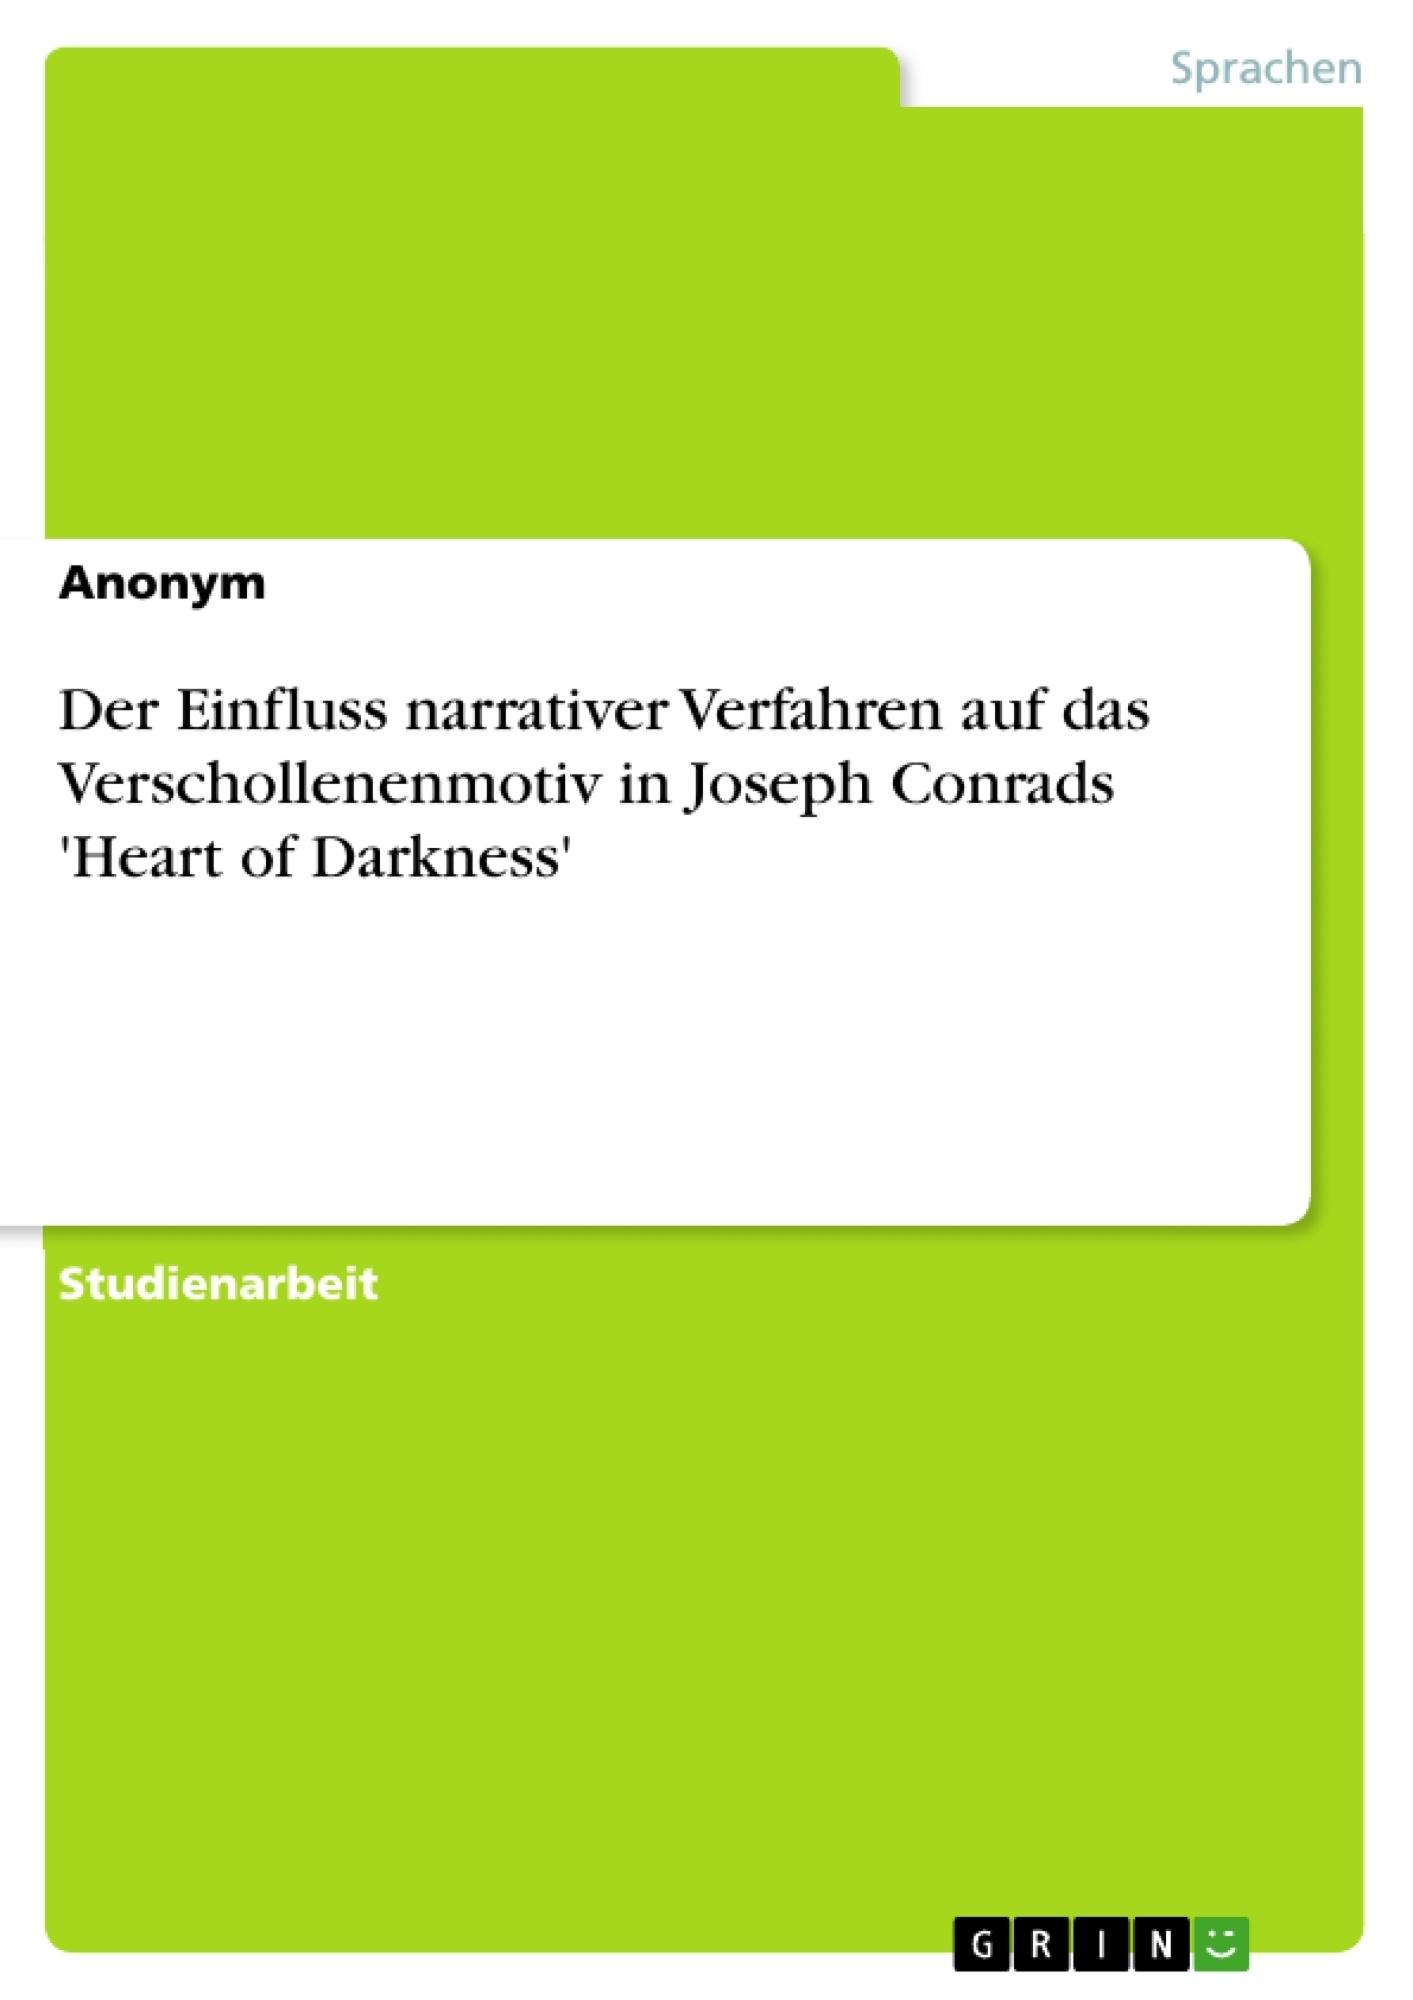 Titel: Der Einfluss narrativer Verfahren auf das Verschollenenmotiv in Joseph Conrads 'Heart of Darkness'